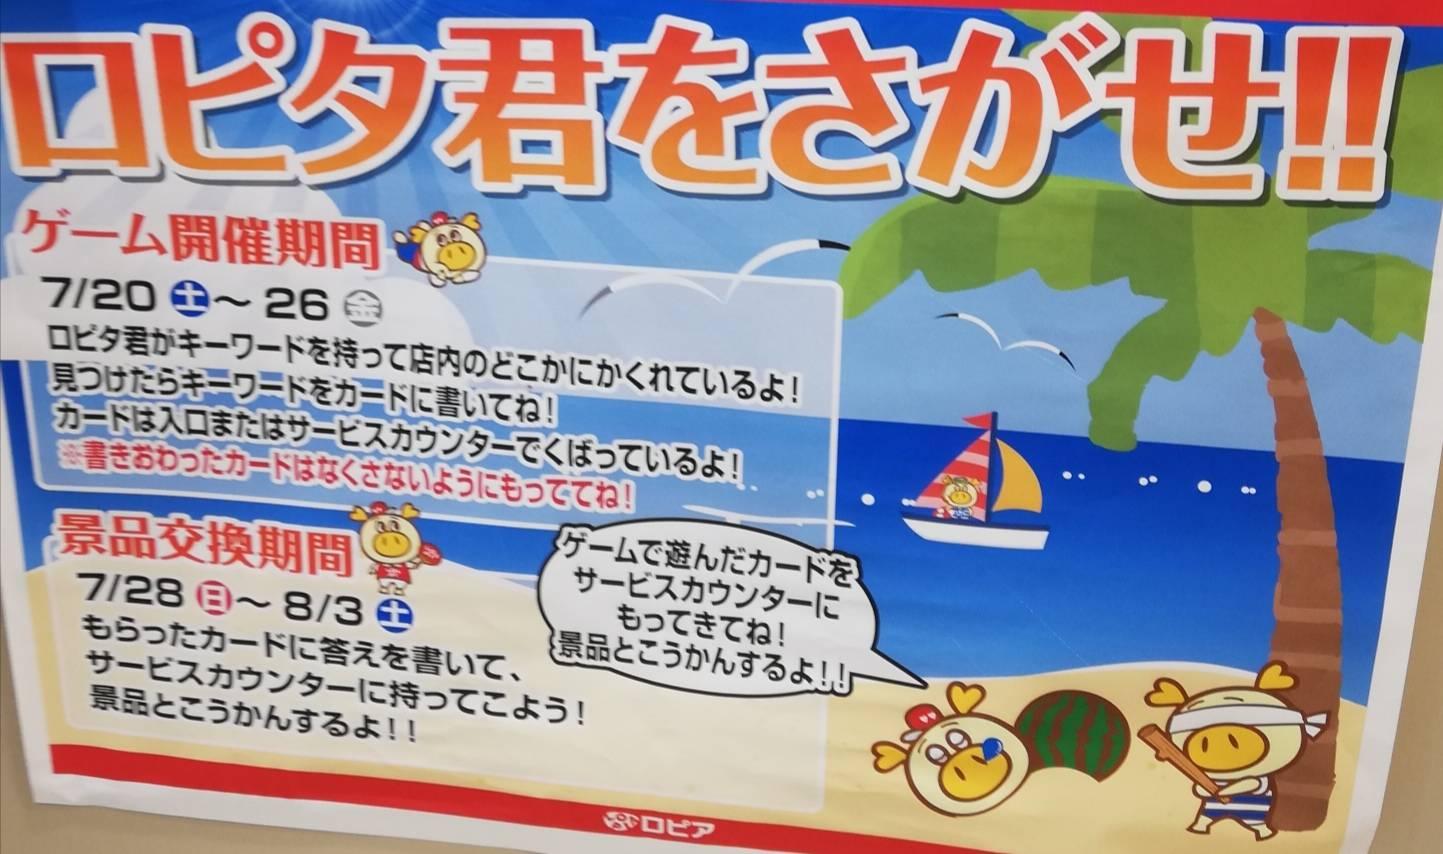 伊勢丹跡地ロピア松戸店イベント